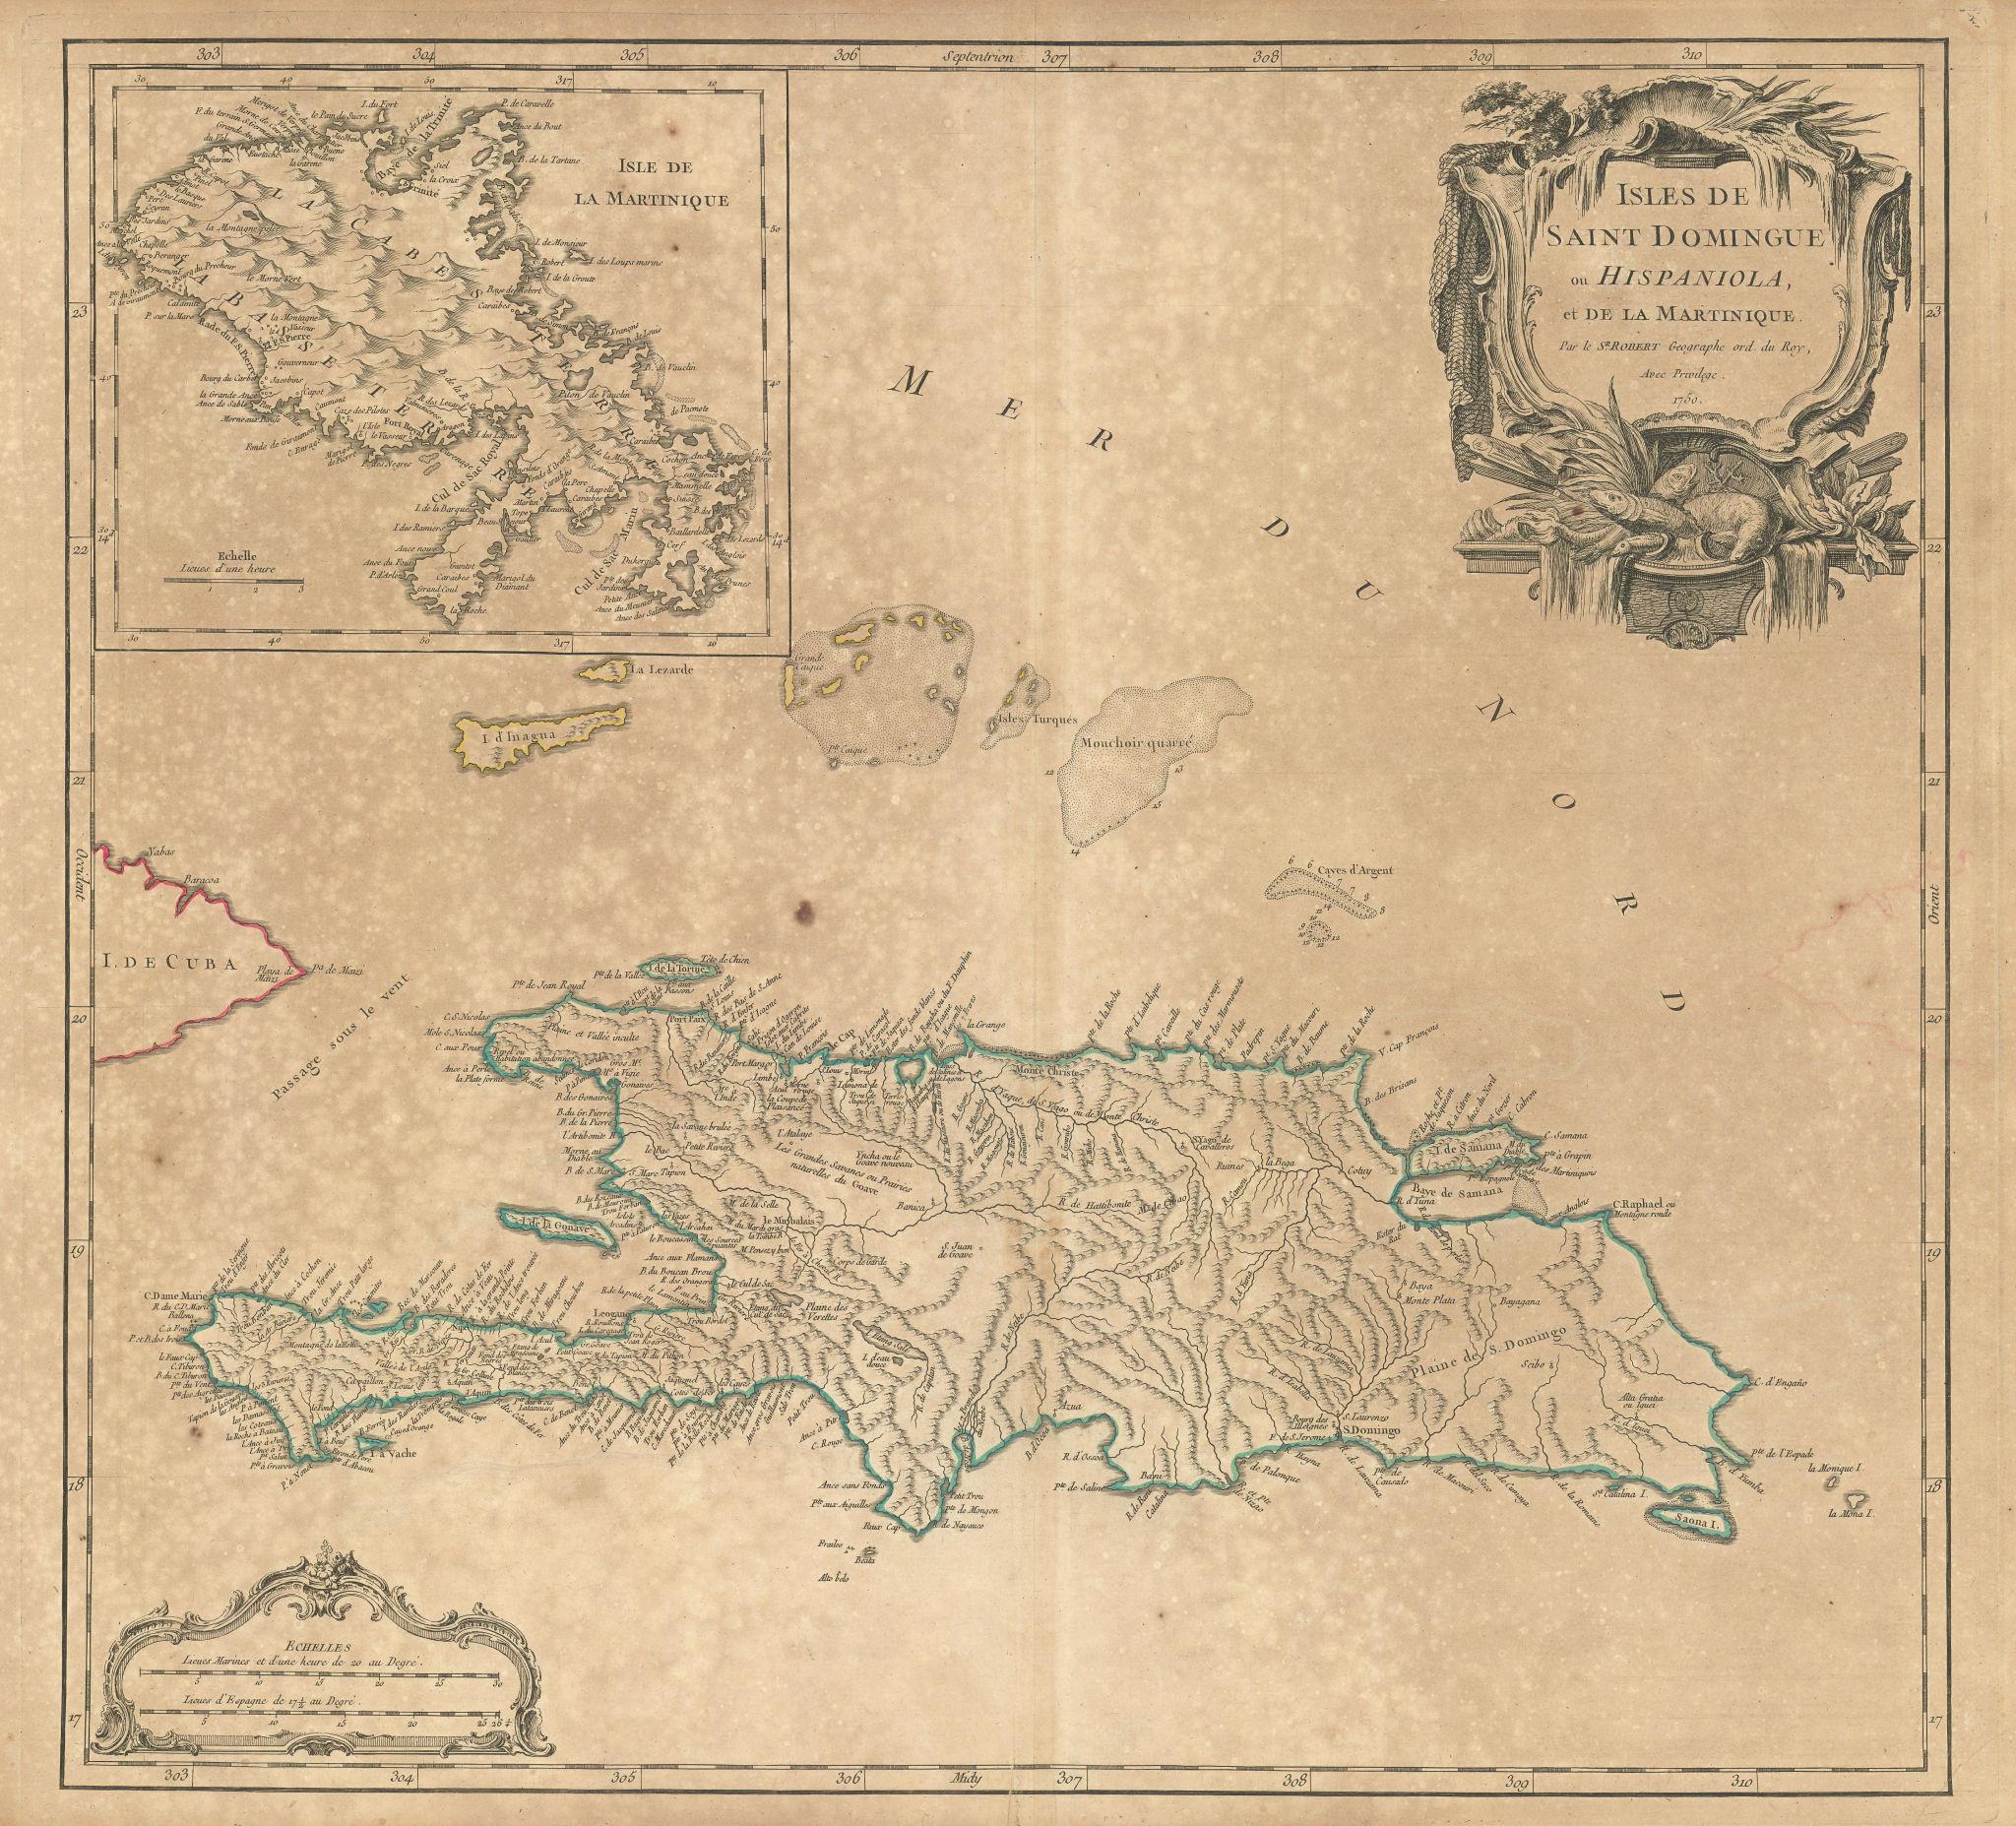 Saint Domingue ou Hispaniola et...Martinique'. Santo Domingo. VAUGONDY 1750 map